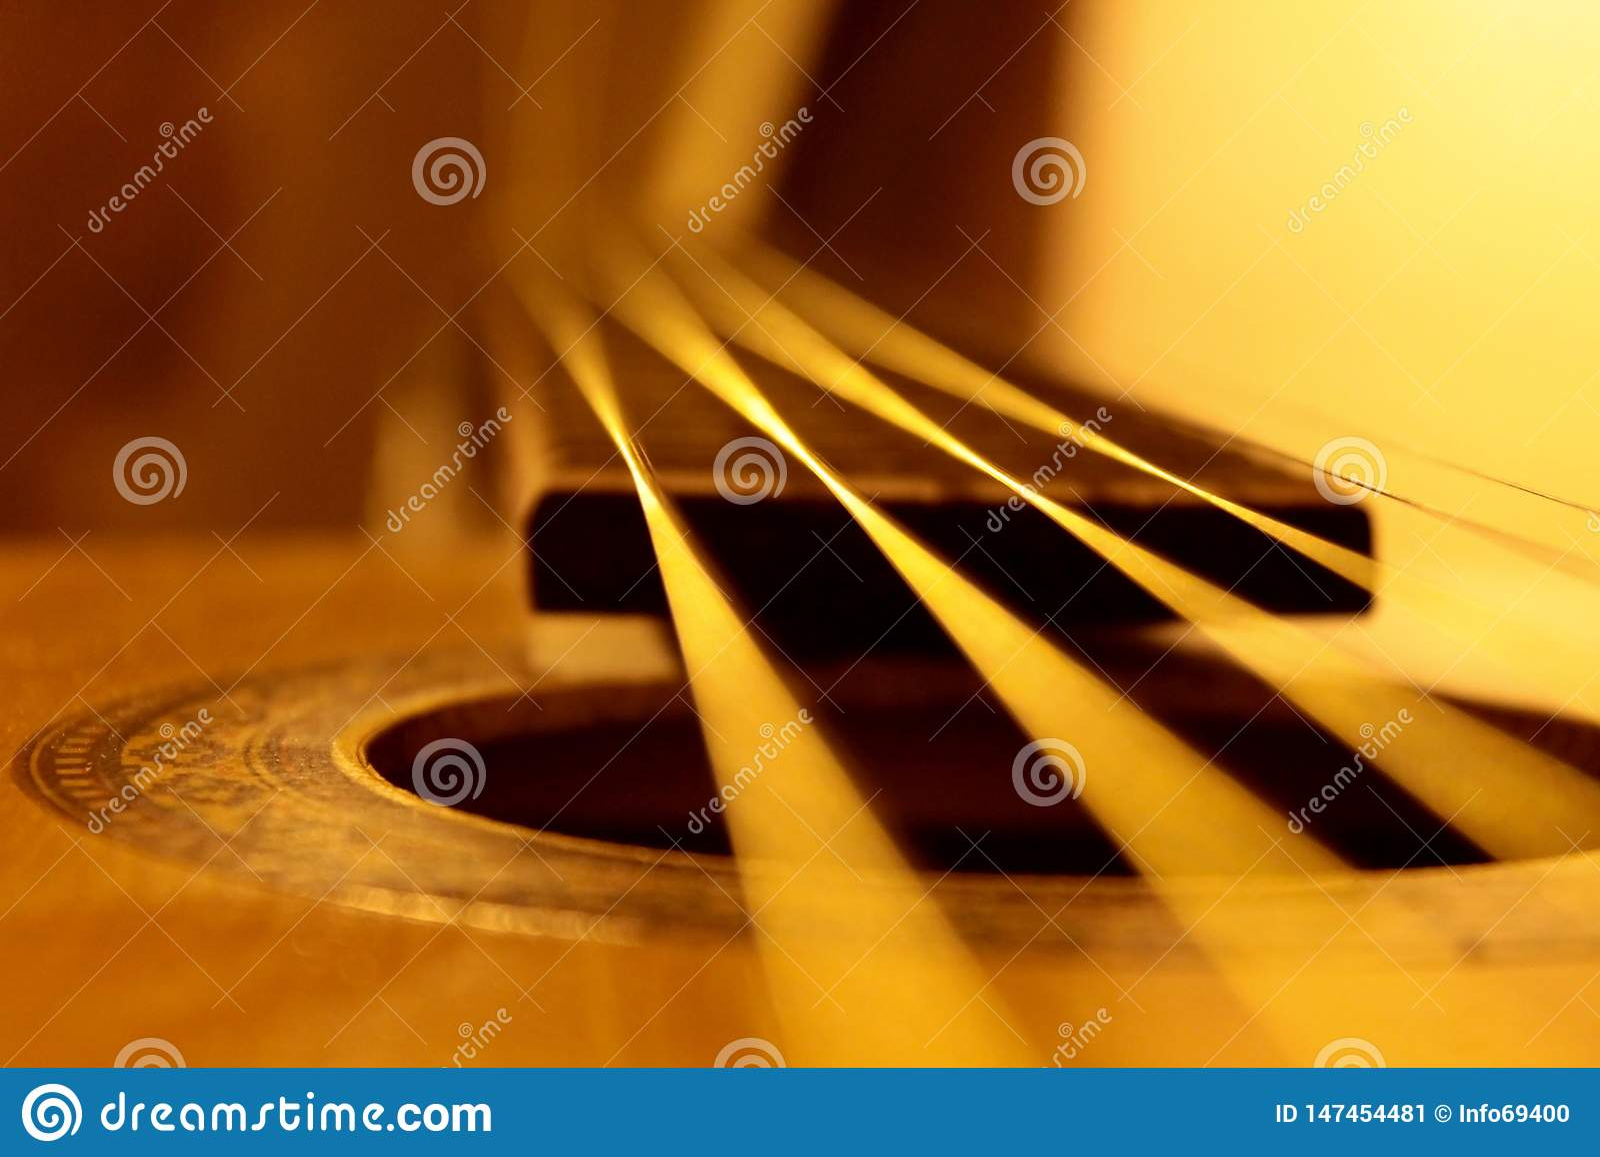 声学吉他串特写镜头、温暖的颜色和抽象看法